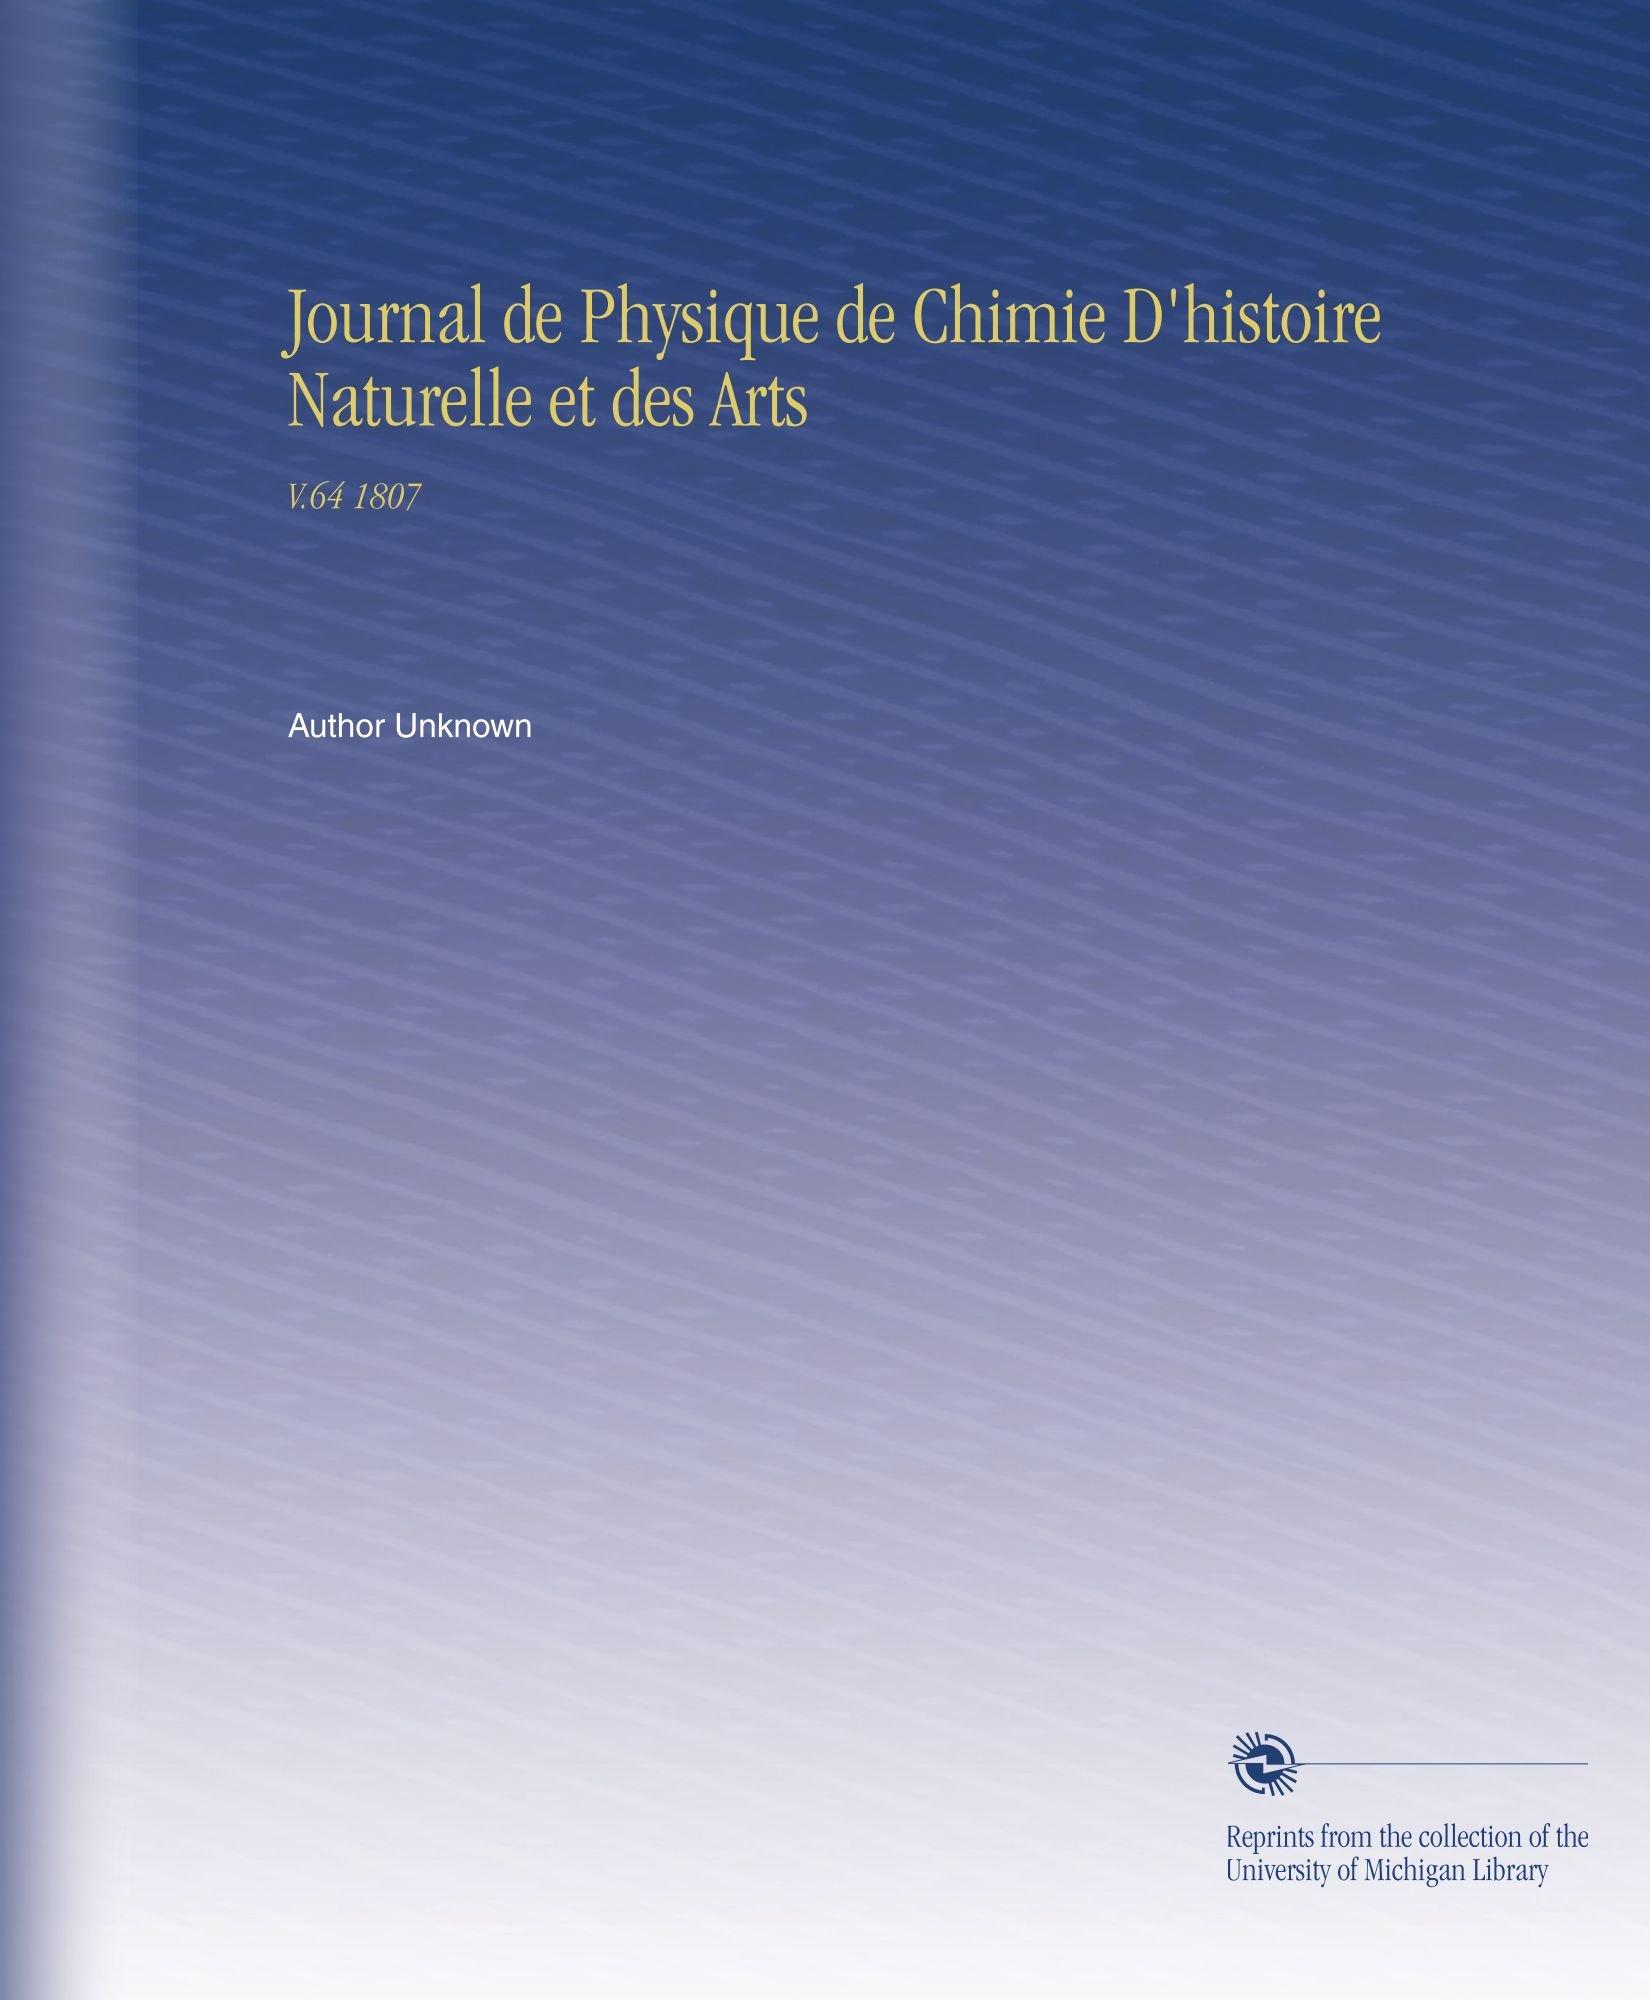 Download Journal de Physique de Chimie D'histoire Naturelle et des Arts: V.64 1807 (French Edition) pdf epub